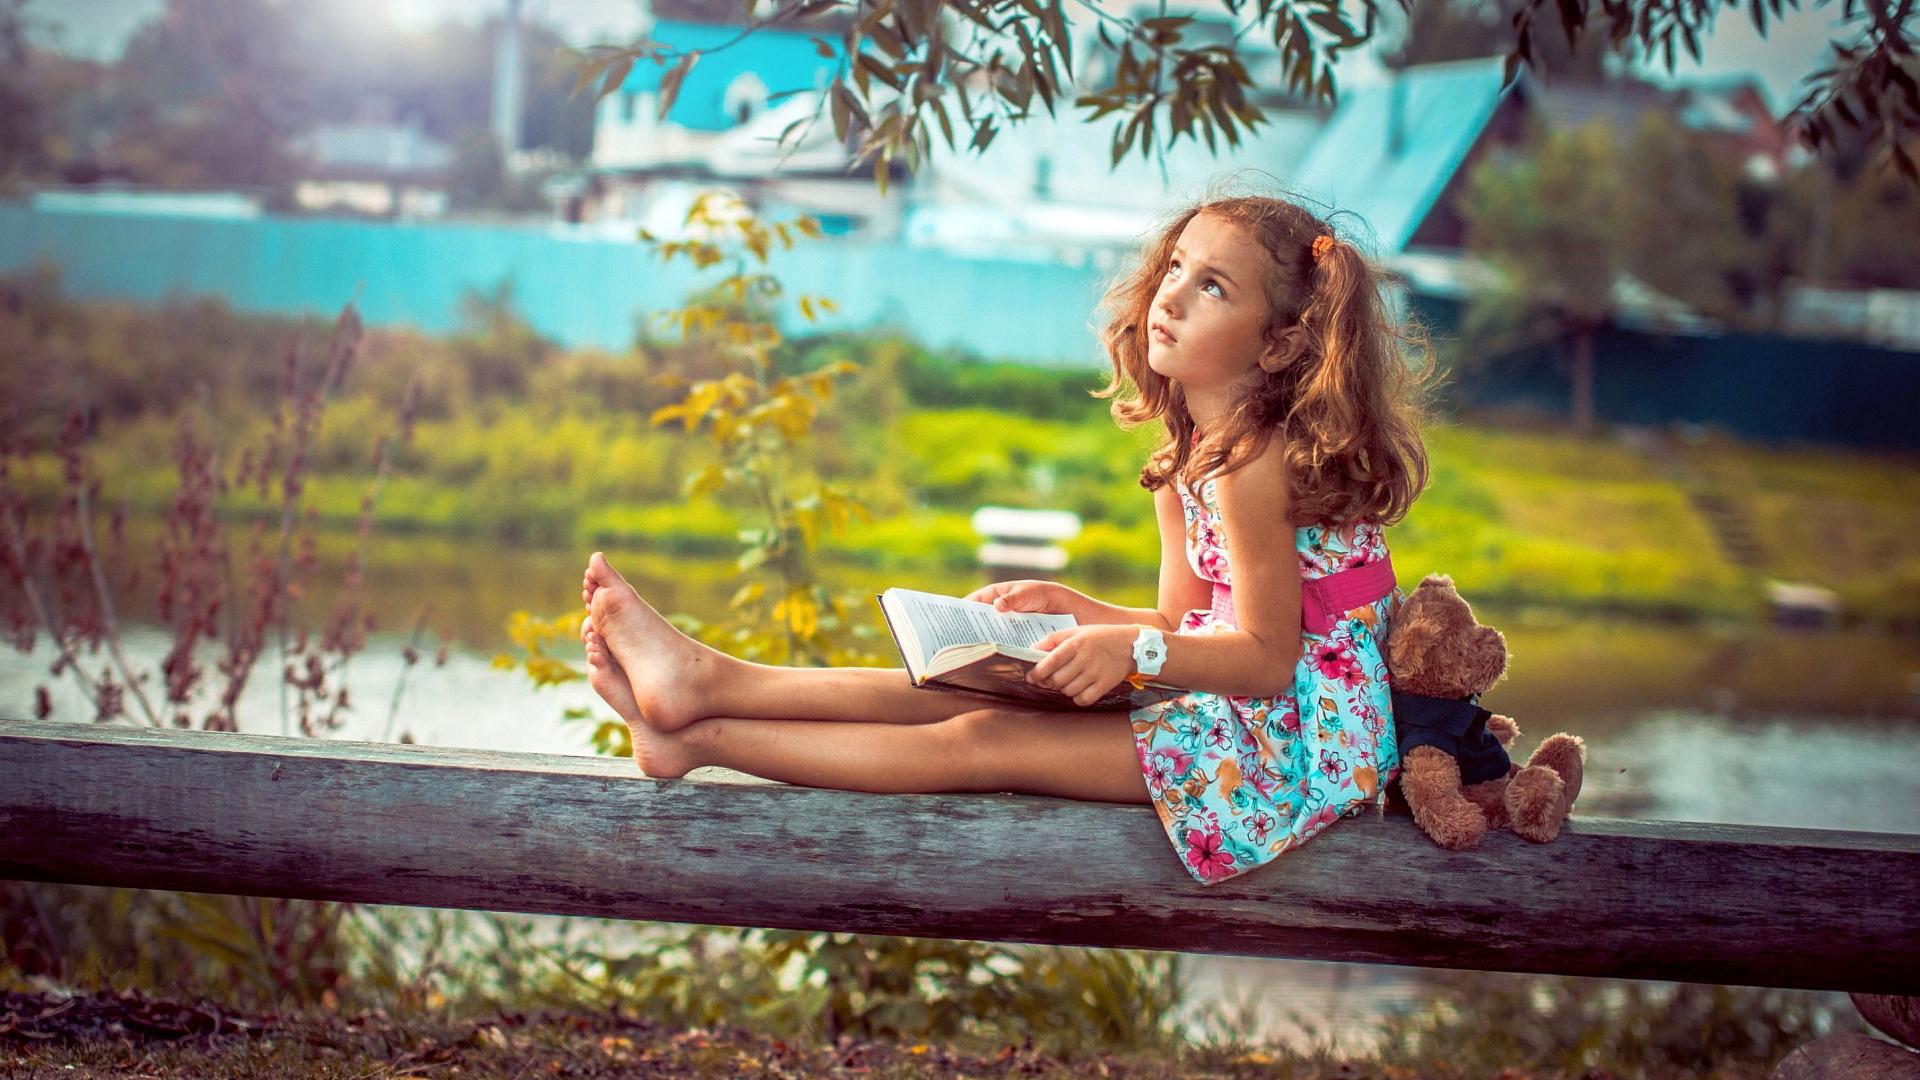 Летний мust read: 9 книг для детей о каникулах и приключениях